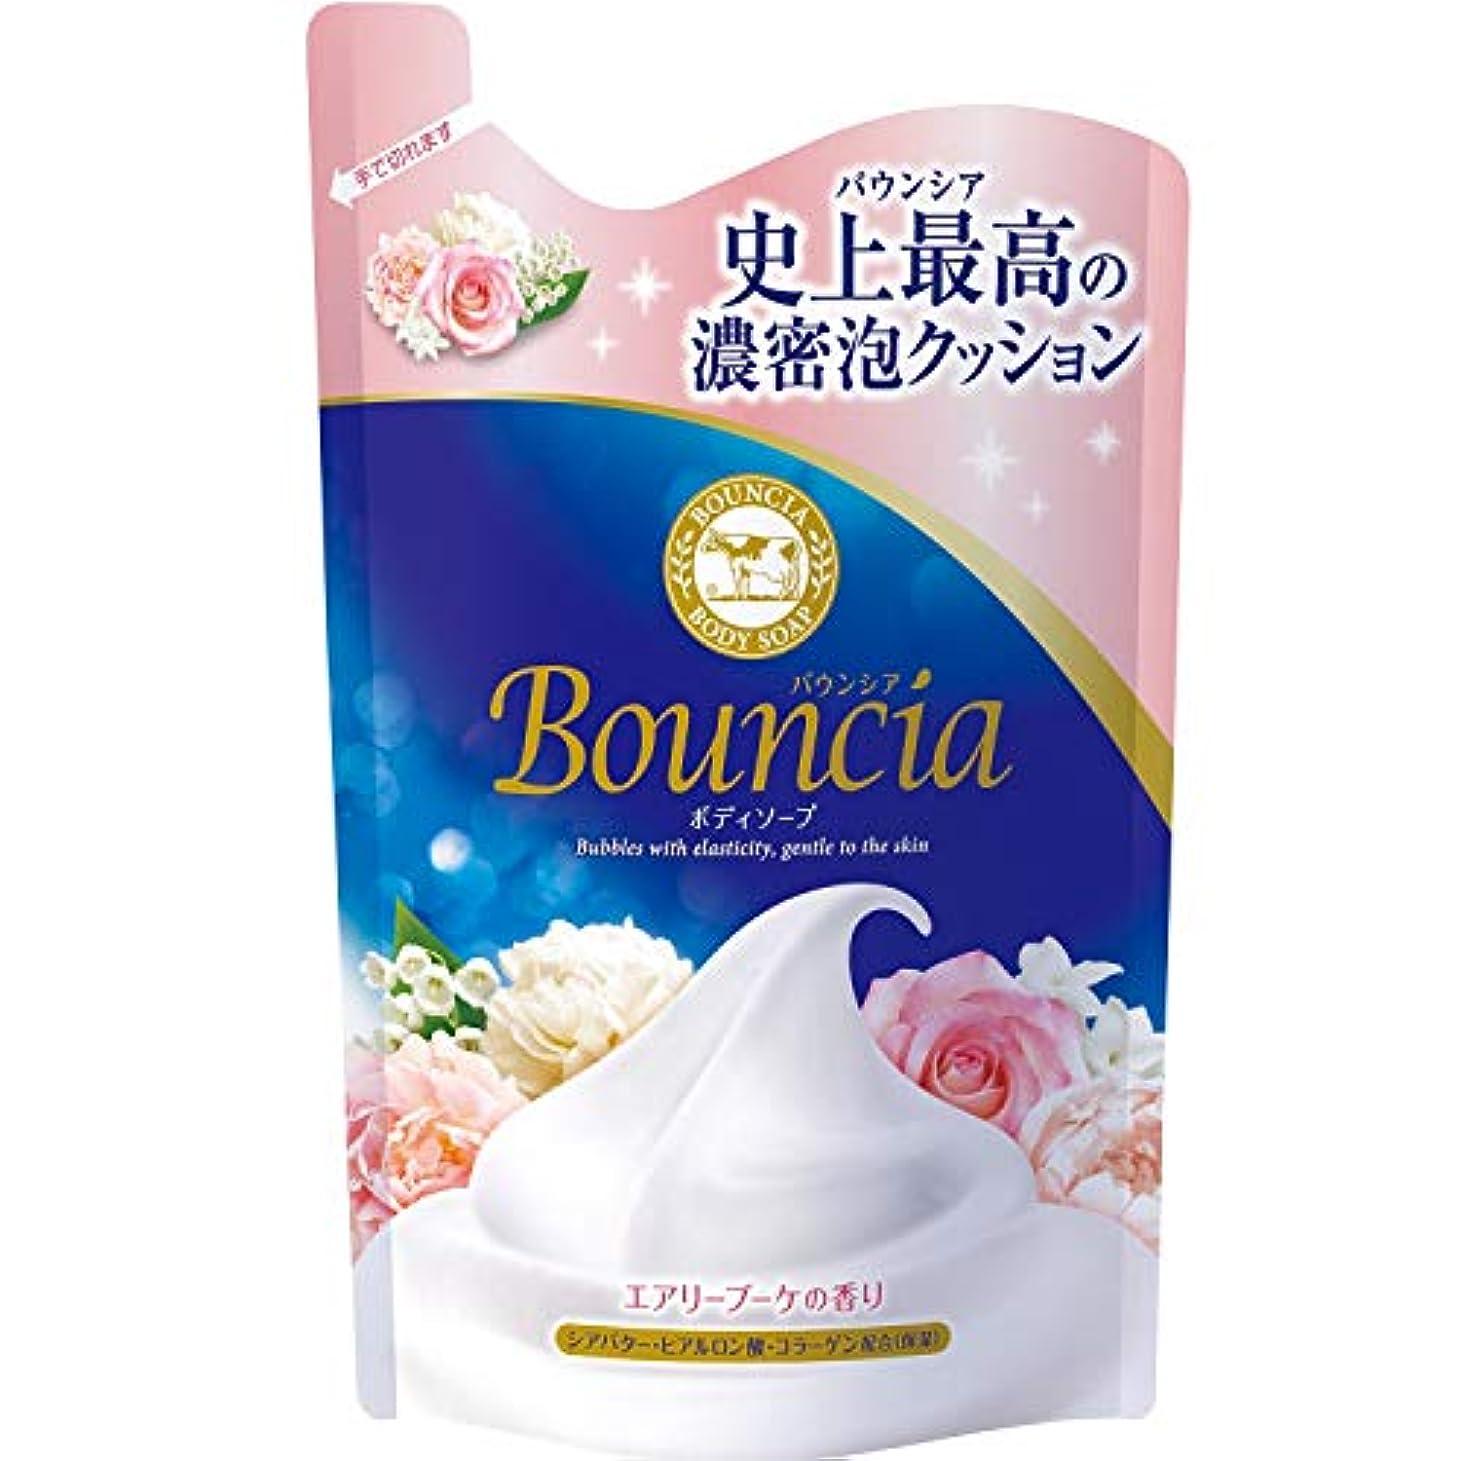 事前子供っぽいブルーベルバウンシア ボディソープ エアリーブーケの香り 詰替 400mL